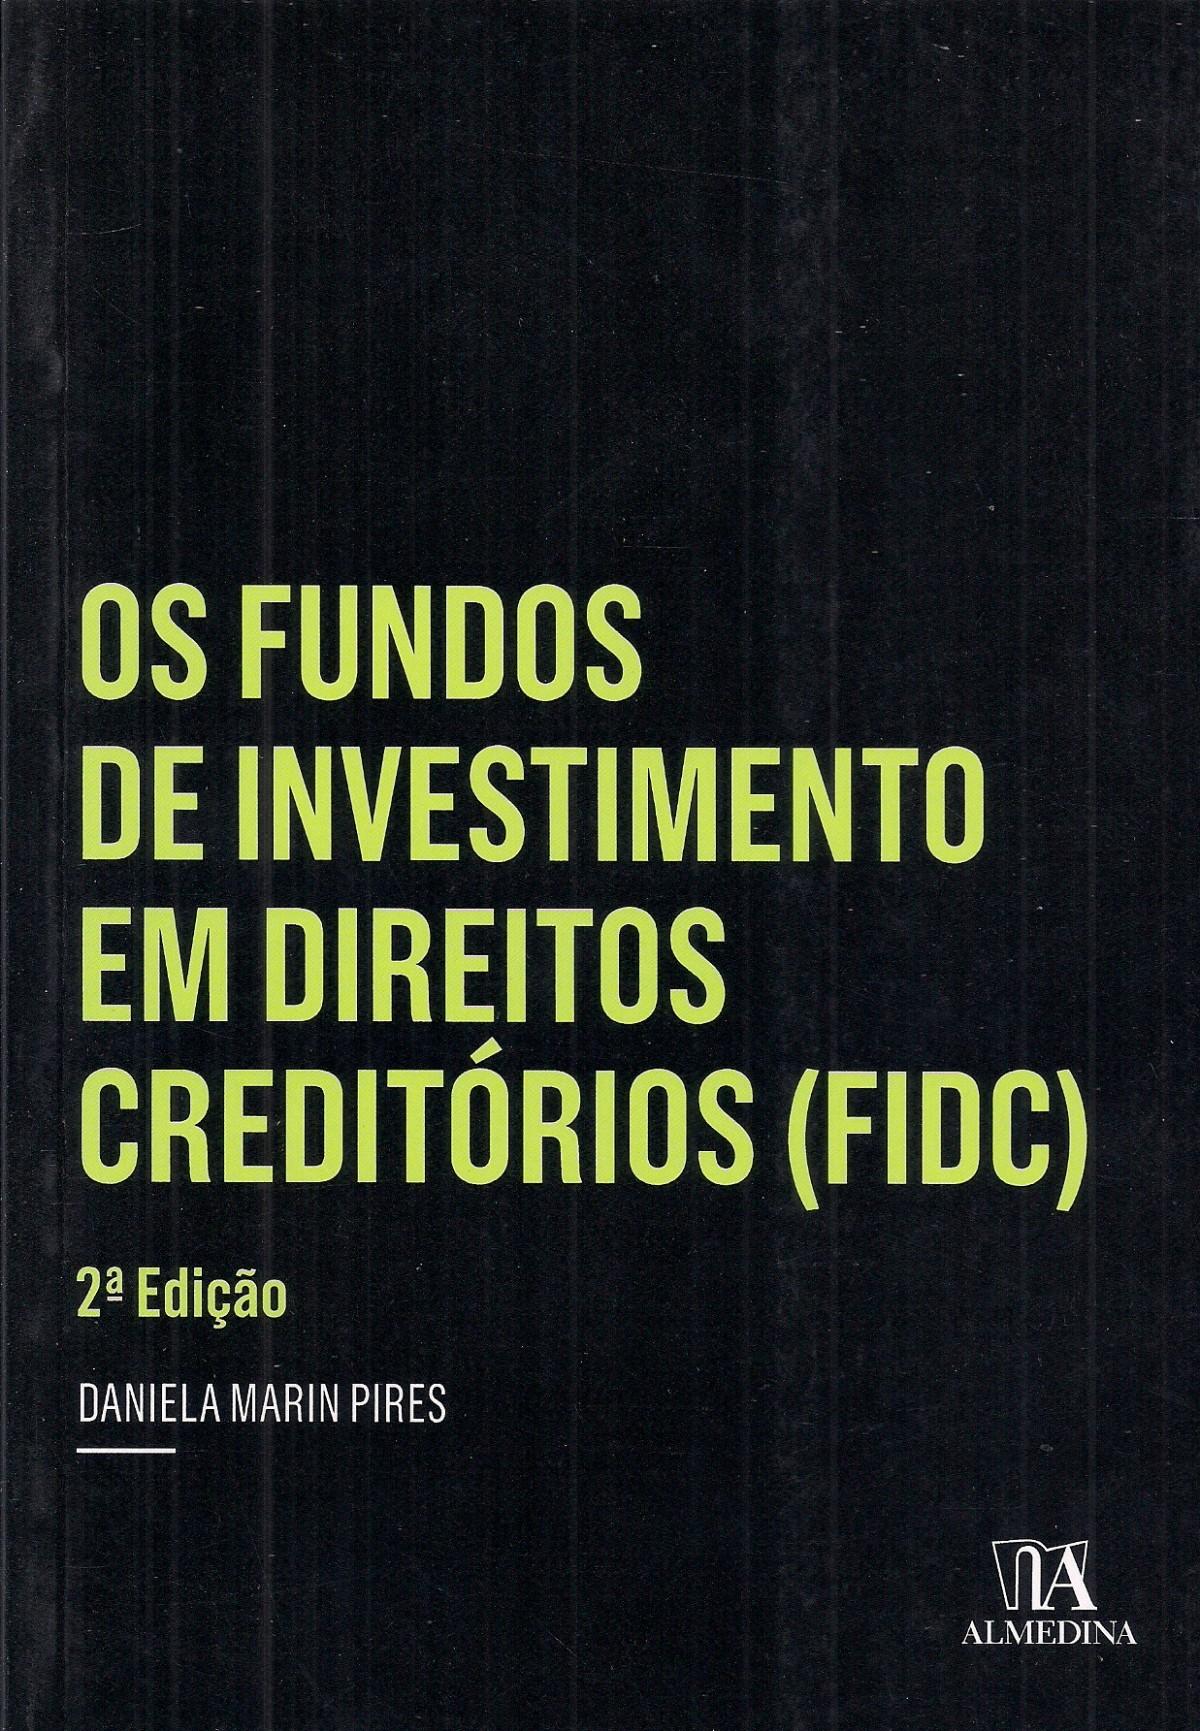 Foto 1 - Os Fundos de Investimento em Direitos Creditórios (FIDC)